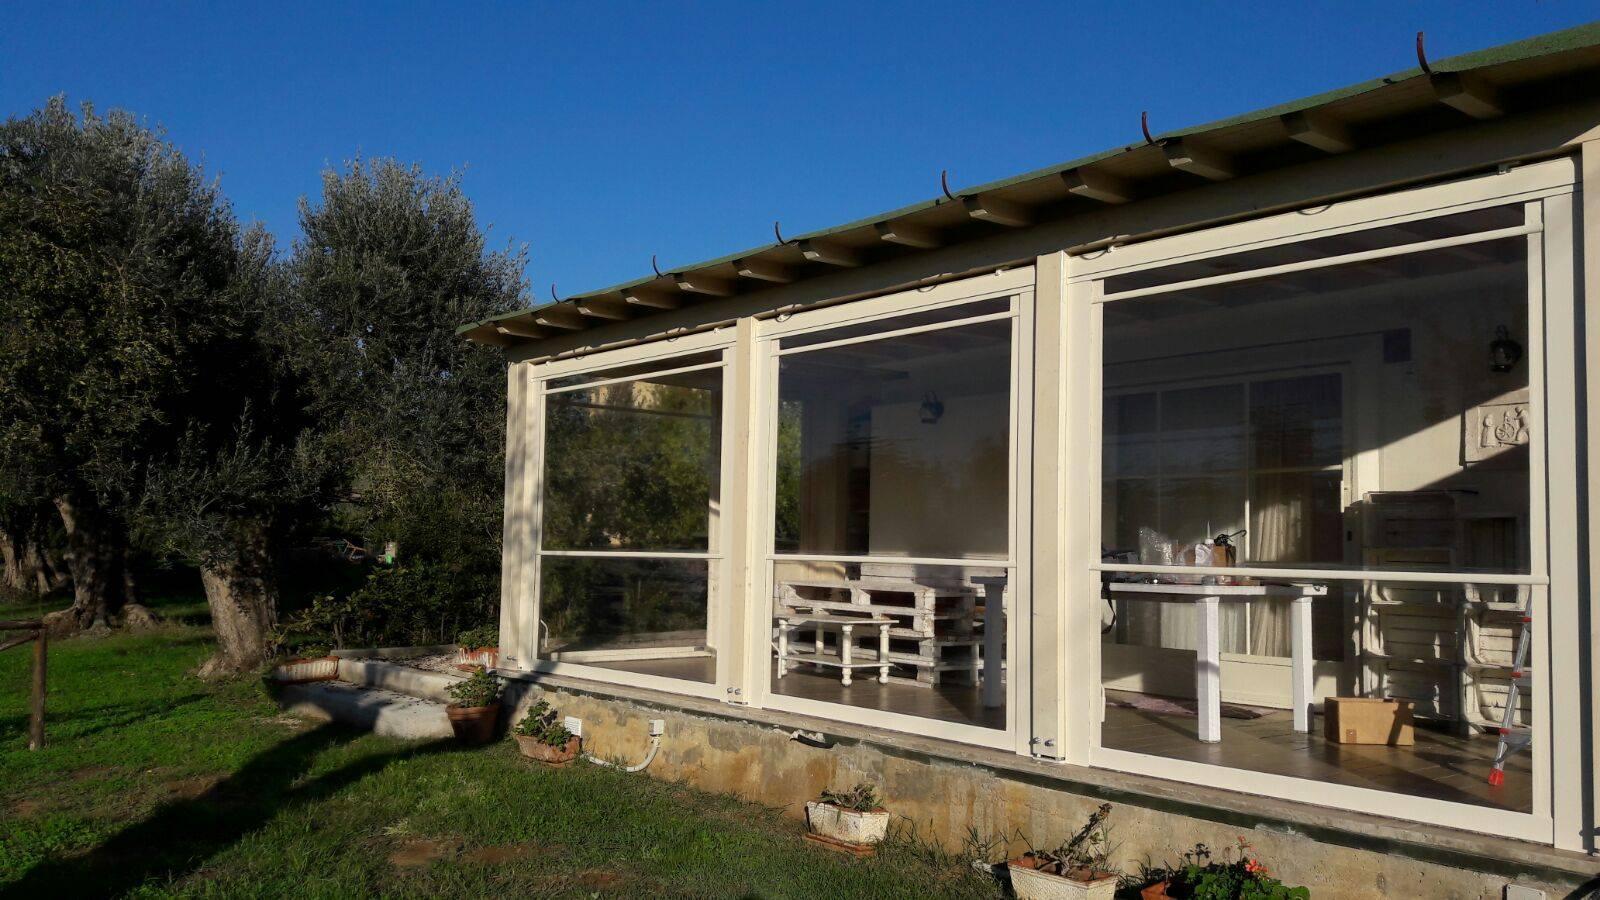 Strutture per esterni per case ville negozi e locali gani tende - Strutture in alluminio per esterno ...